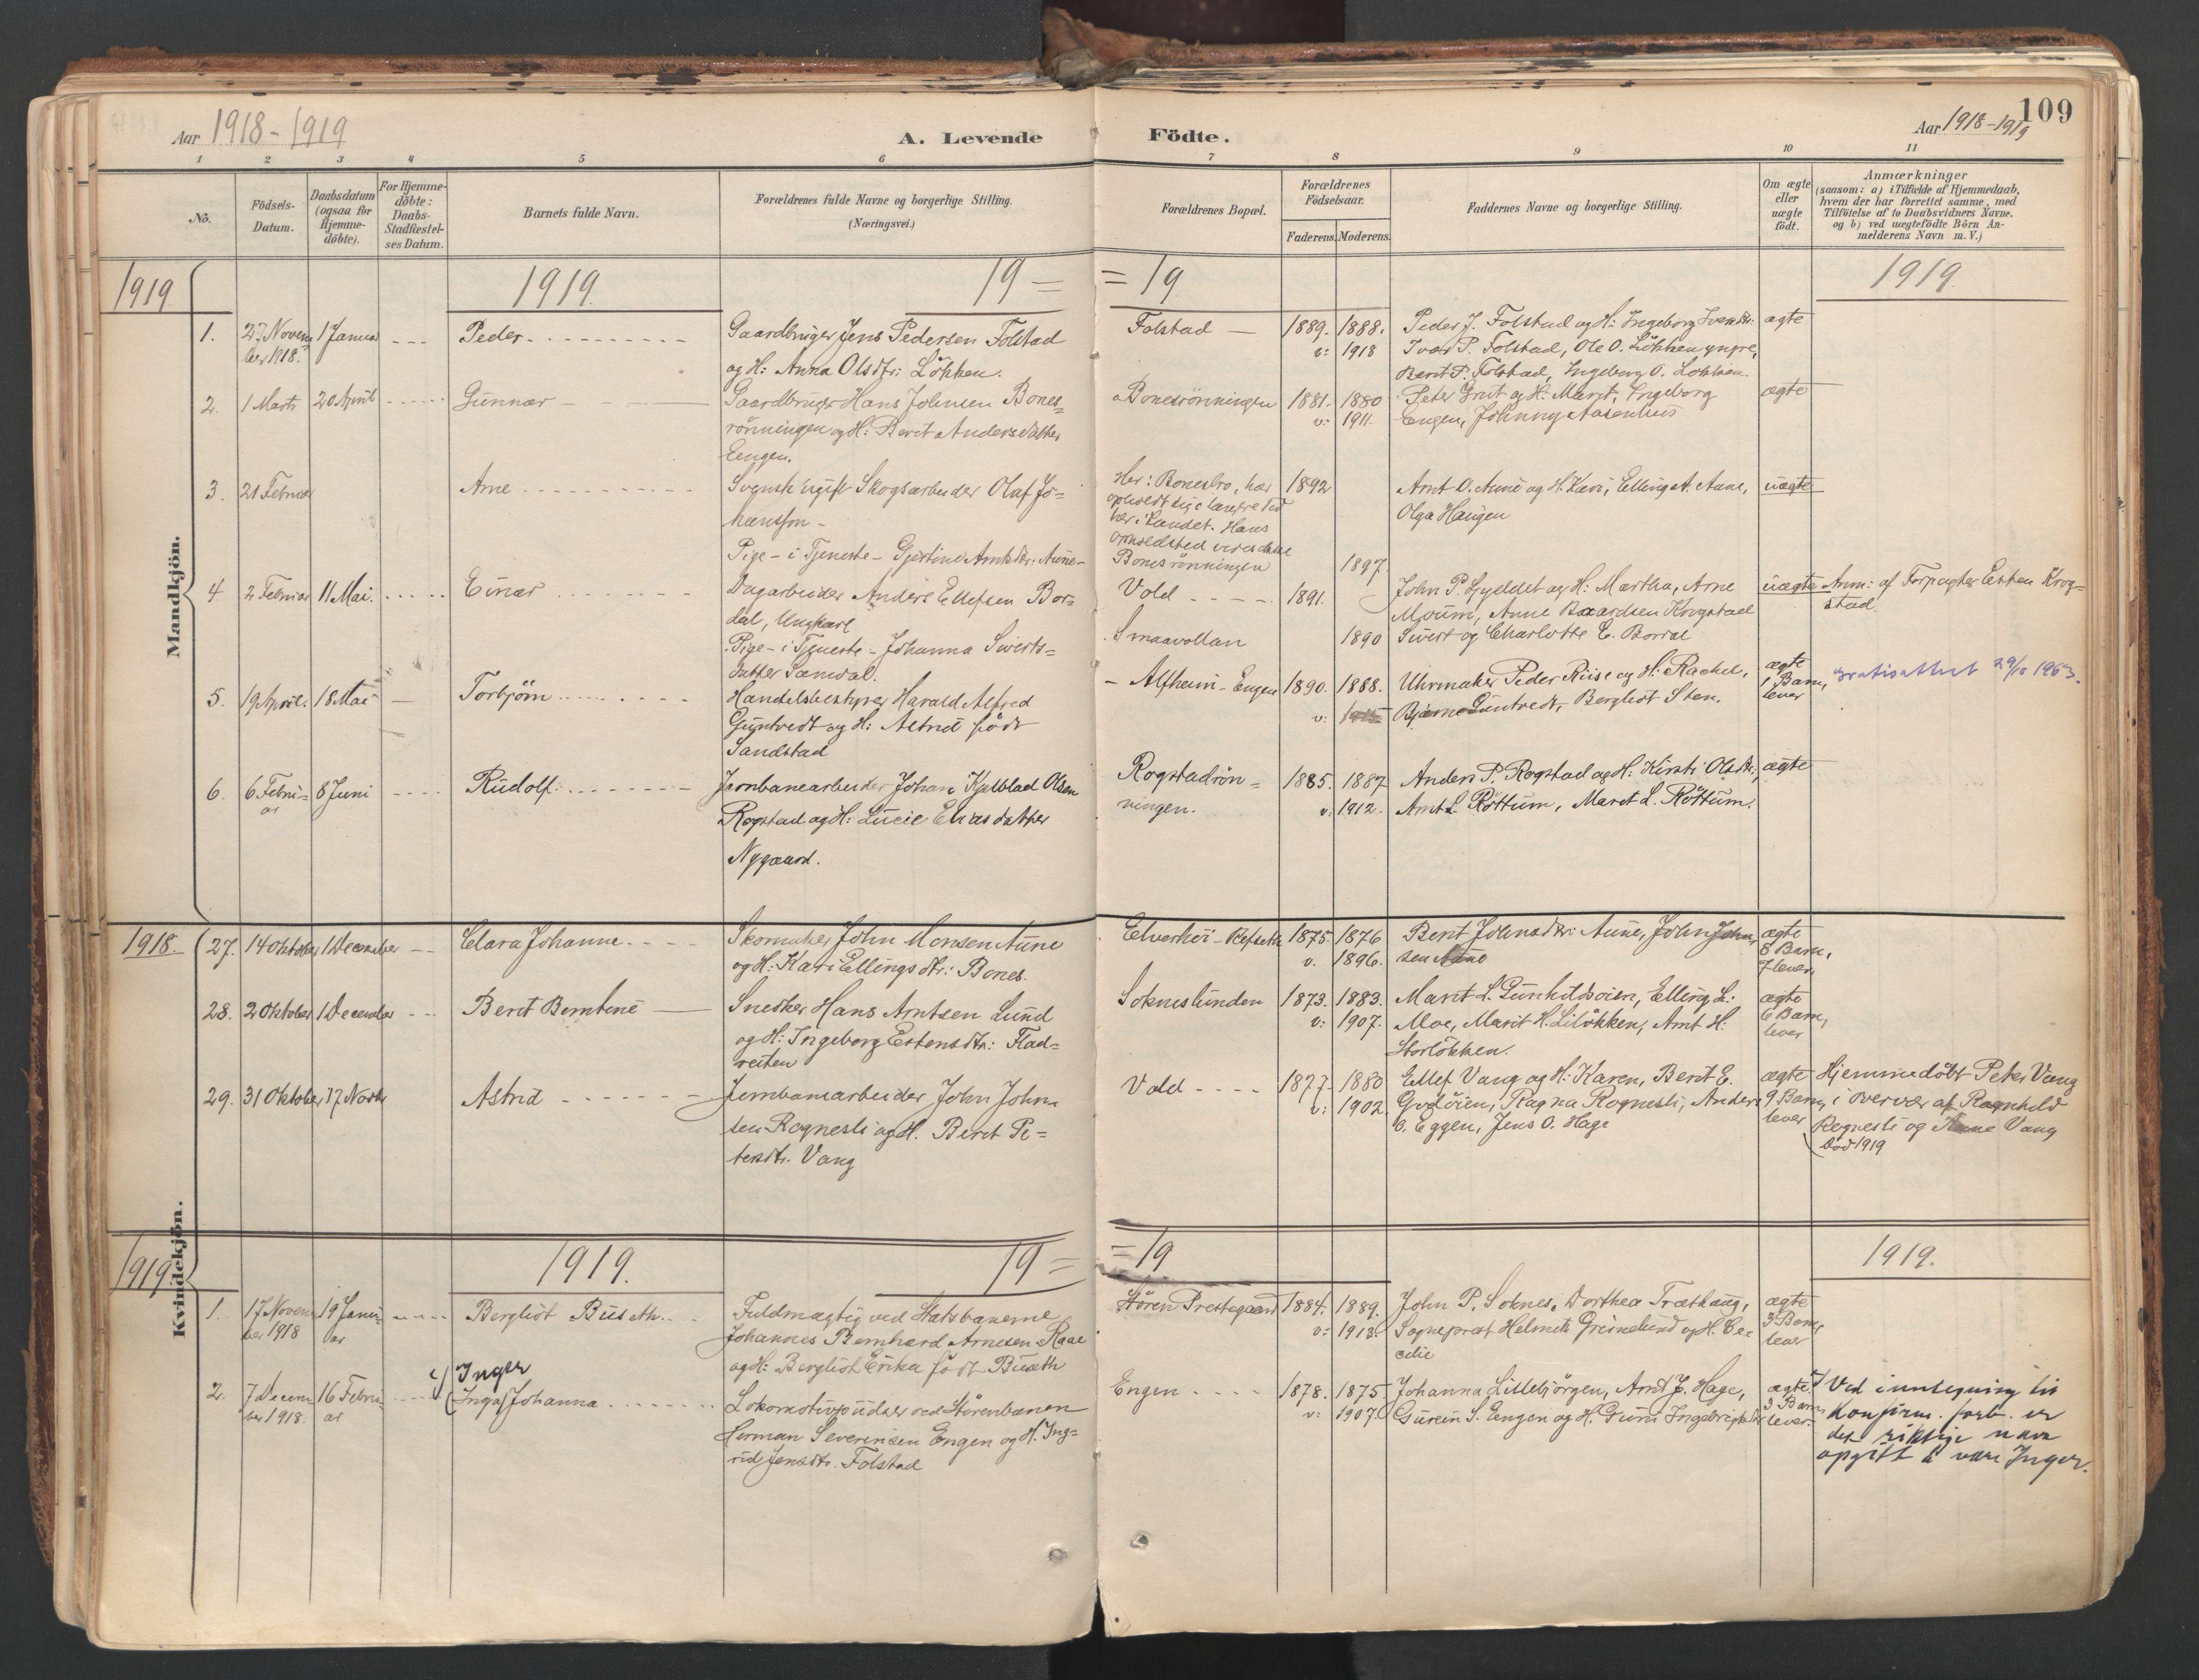 SAT, Ministerialprotokoller, klokkerbøker og fødselsregistre - Sør-Trøndelag, 687/L1004: Ministerialbok nr. 687A10, 1891-1923, s. 109